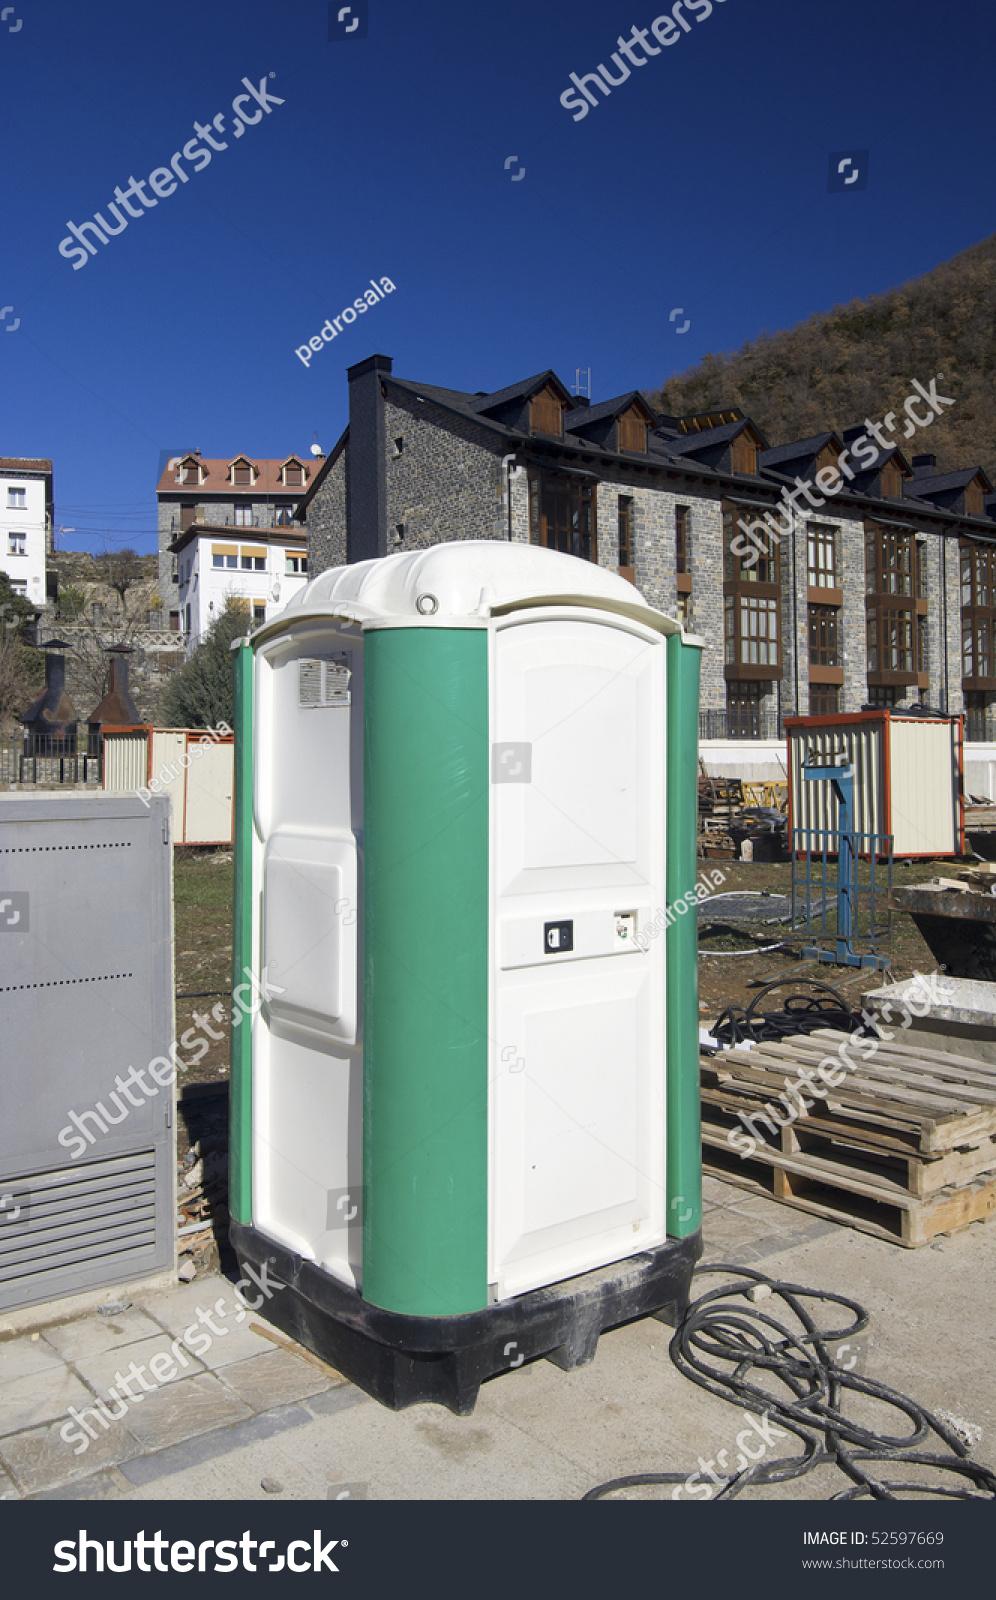 Construction Site Portable Toilets : Portable toilet at a construction site stock photo